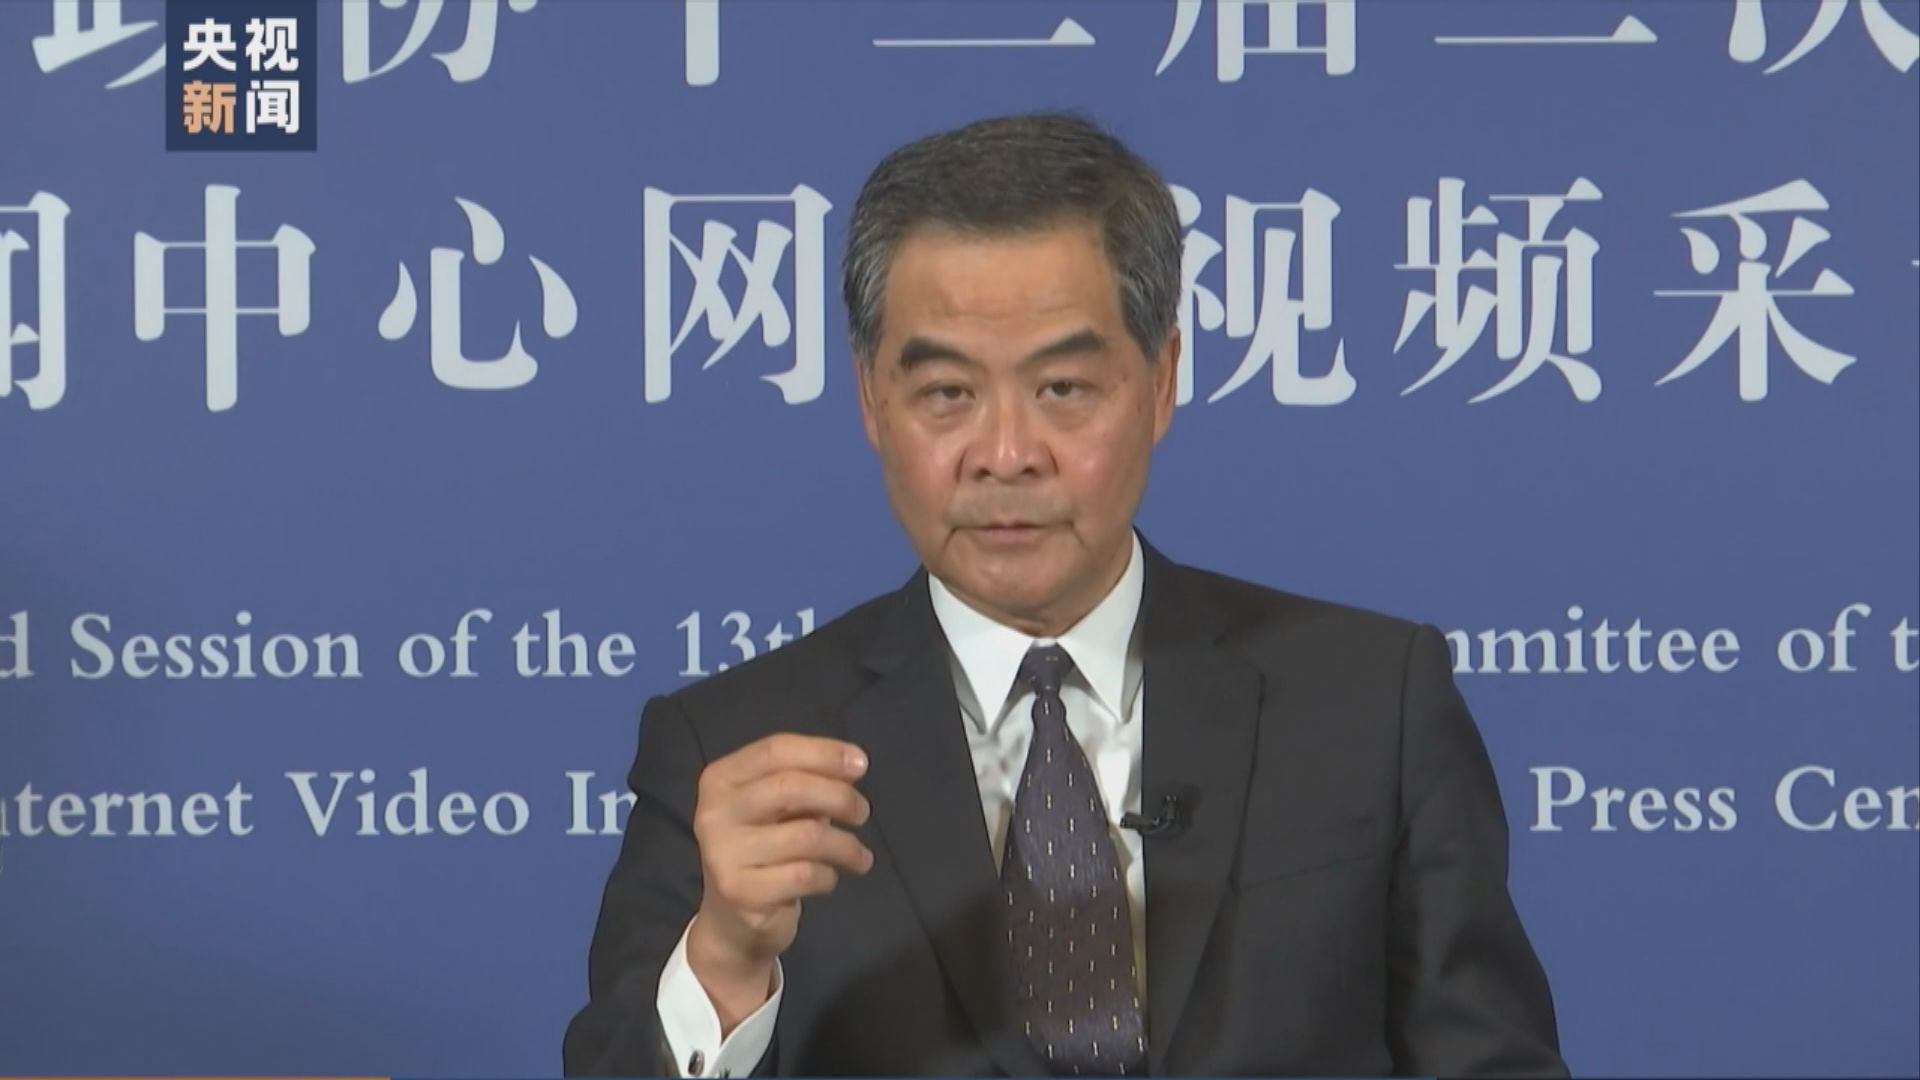 梁振英 : 反對派不要低估中央處理香港問題決心